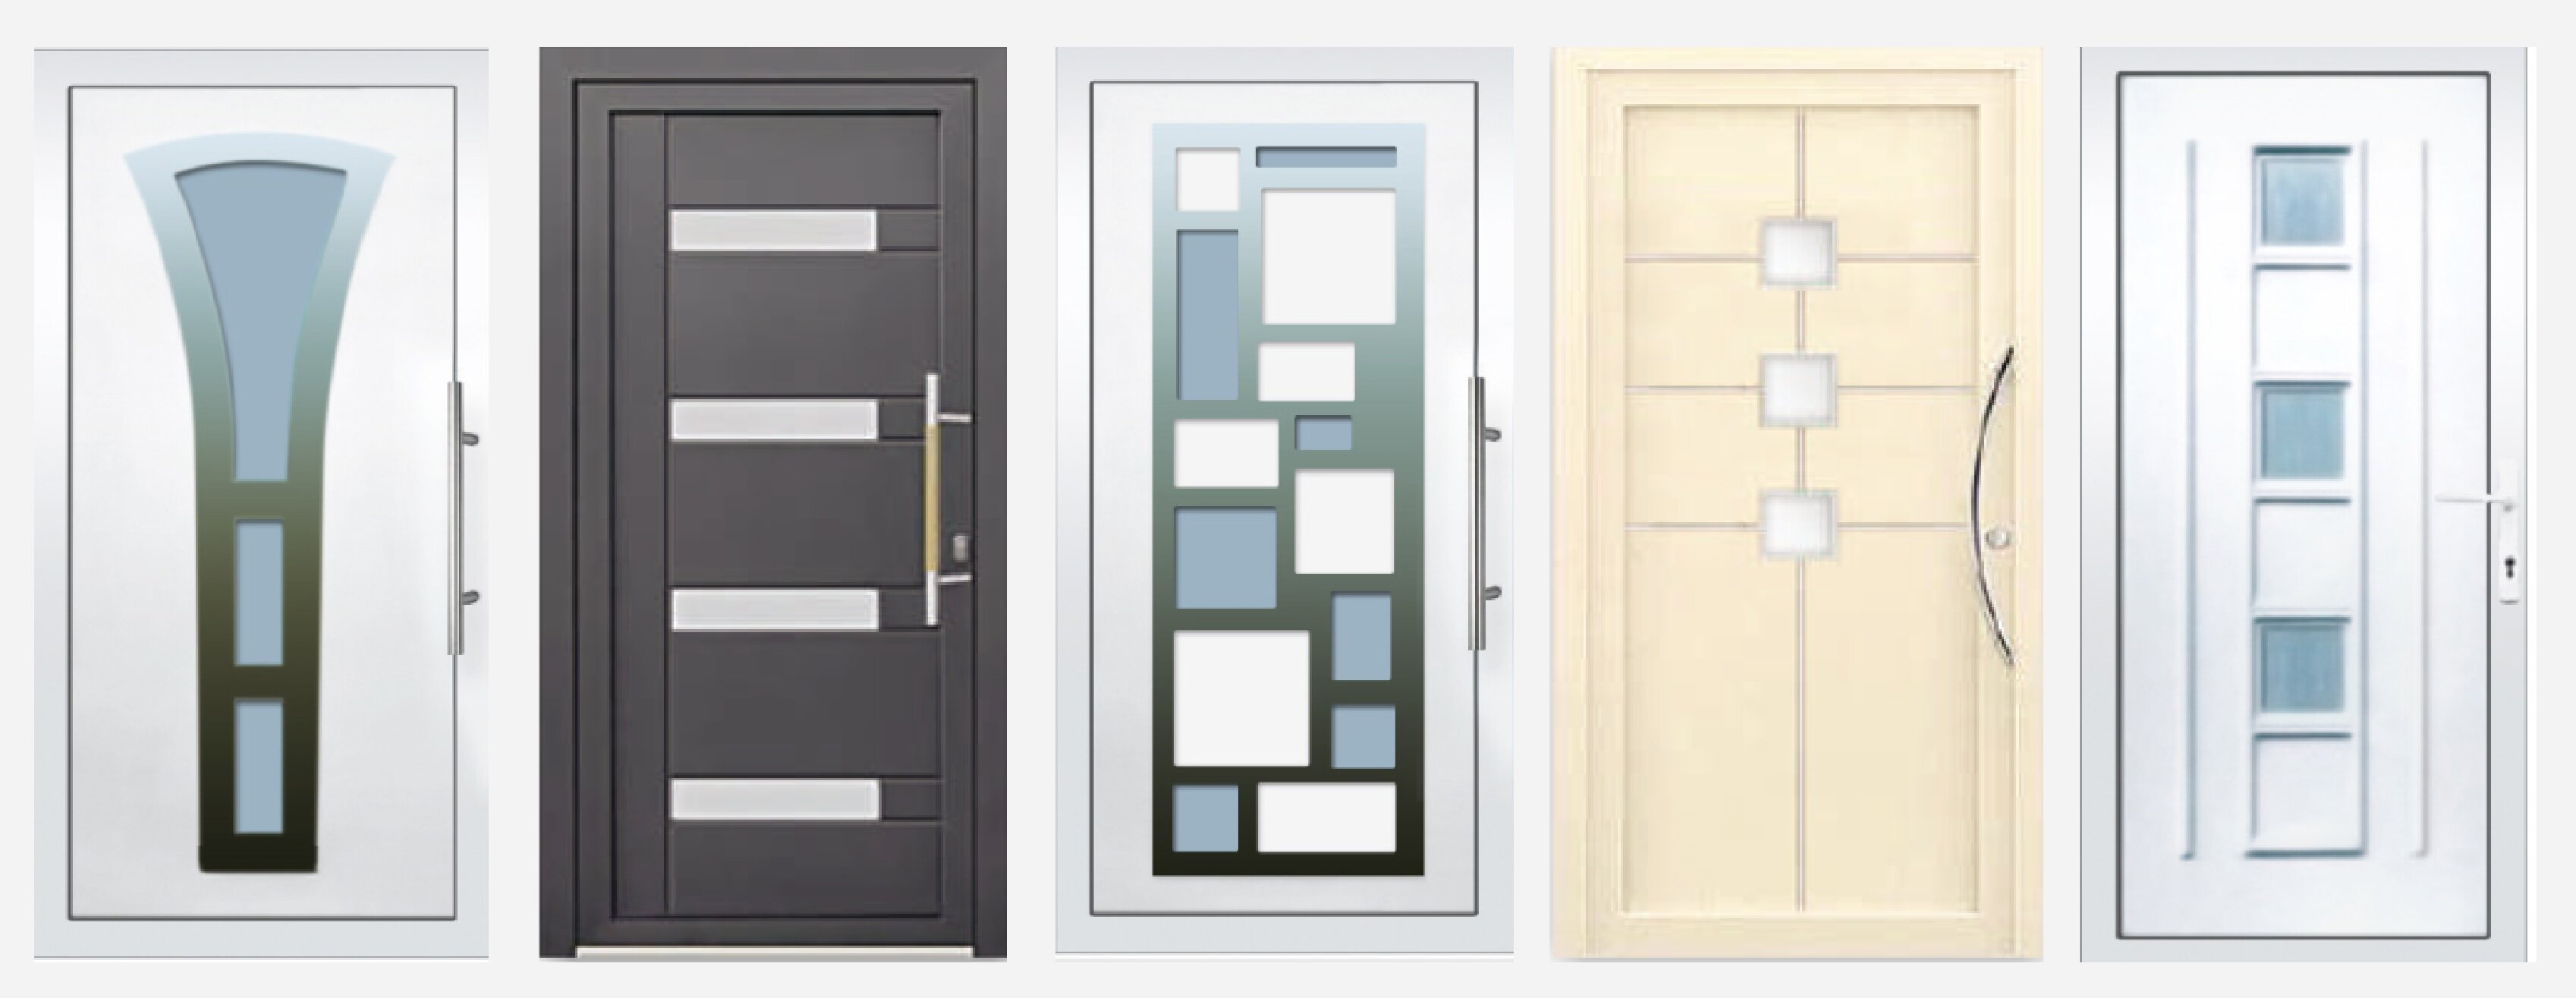 Zaktualizowano Drzwi zewnętrzne PCV - Stoldrew - producent okien i drzwi, okna VW86